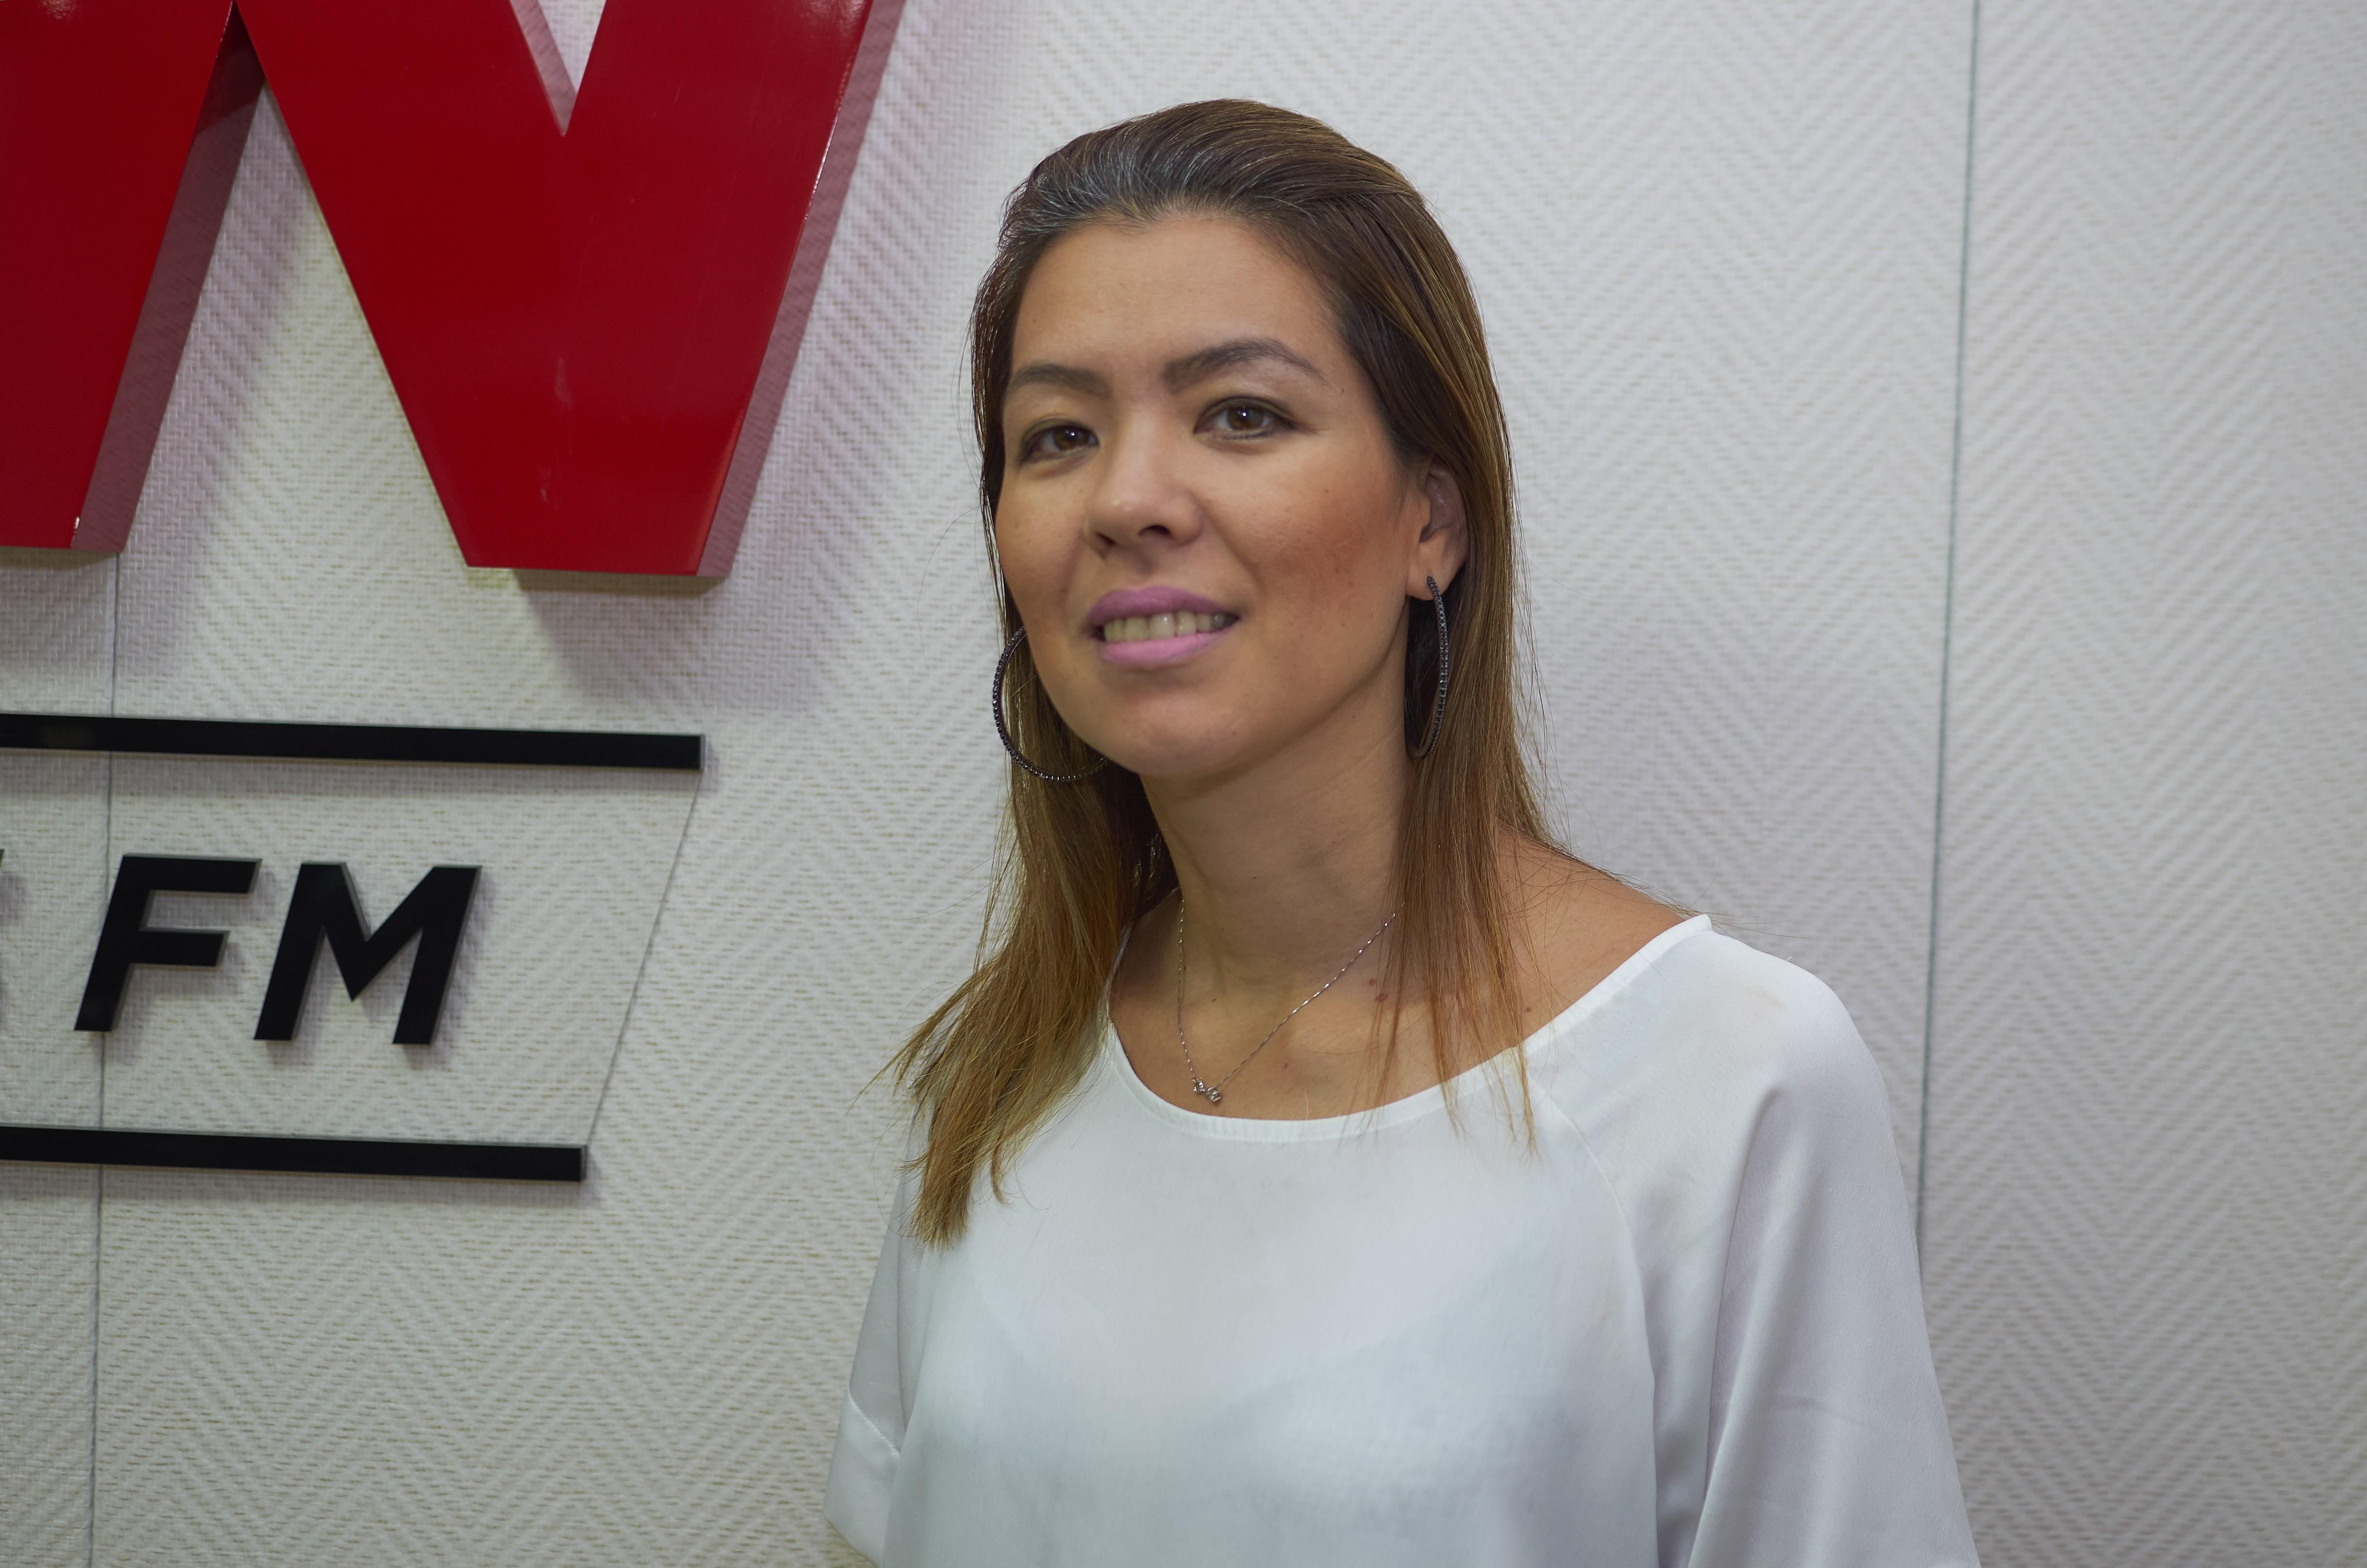 Andrea Shima